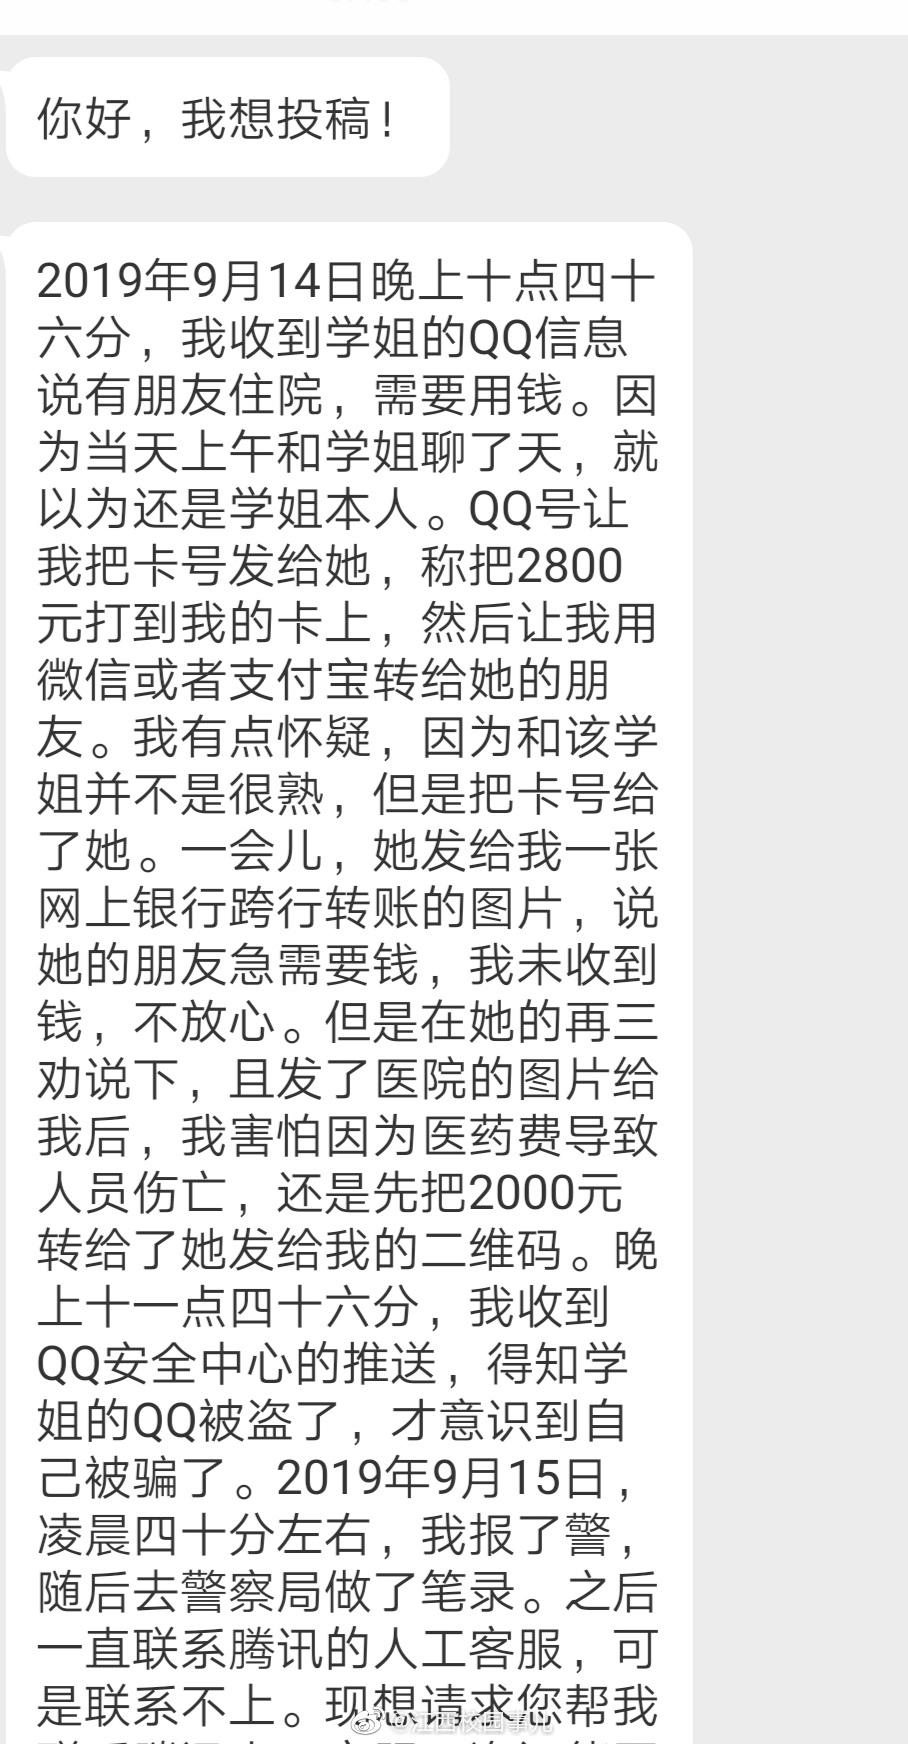 给不熟悉的学姐转账2000元,结果发现学姐qq被盗,又联系不上客服